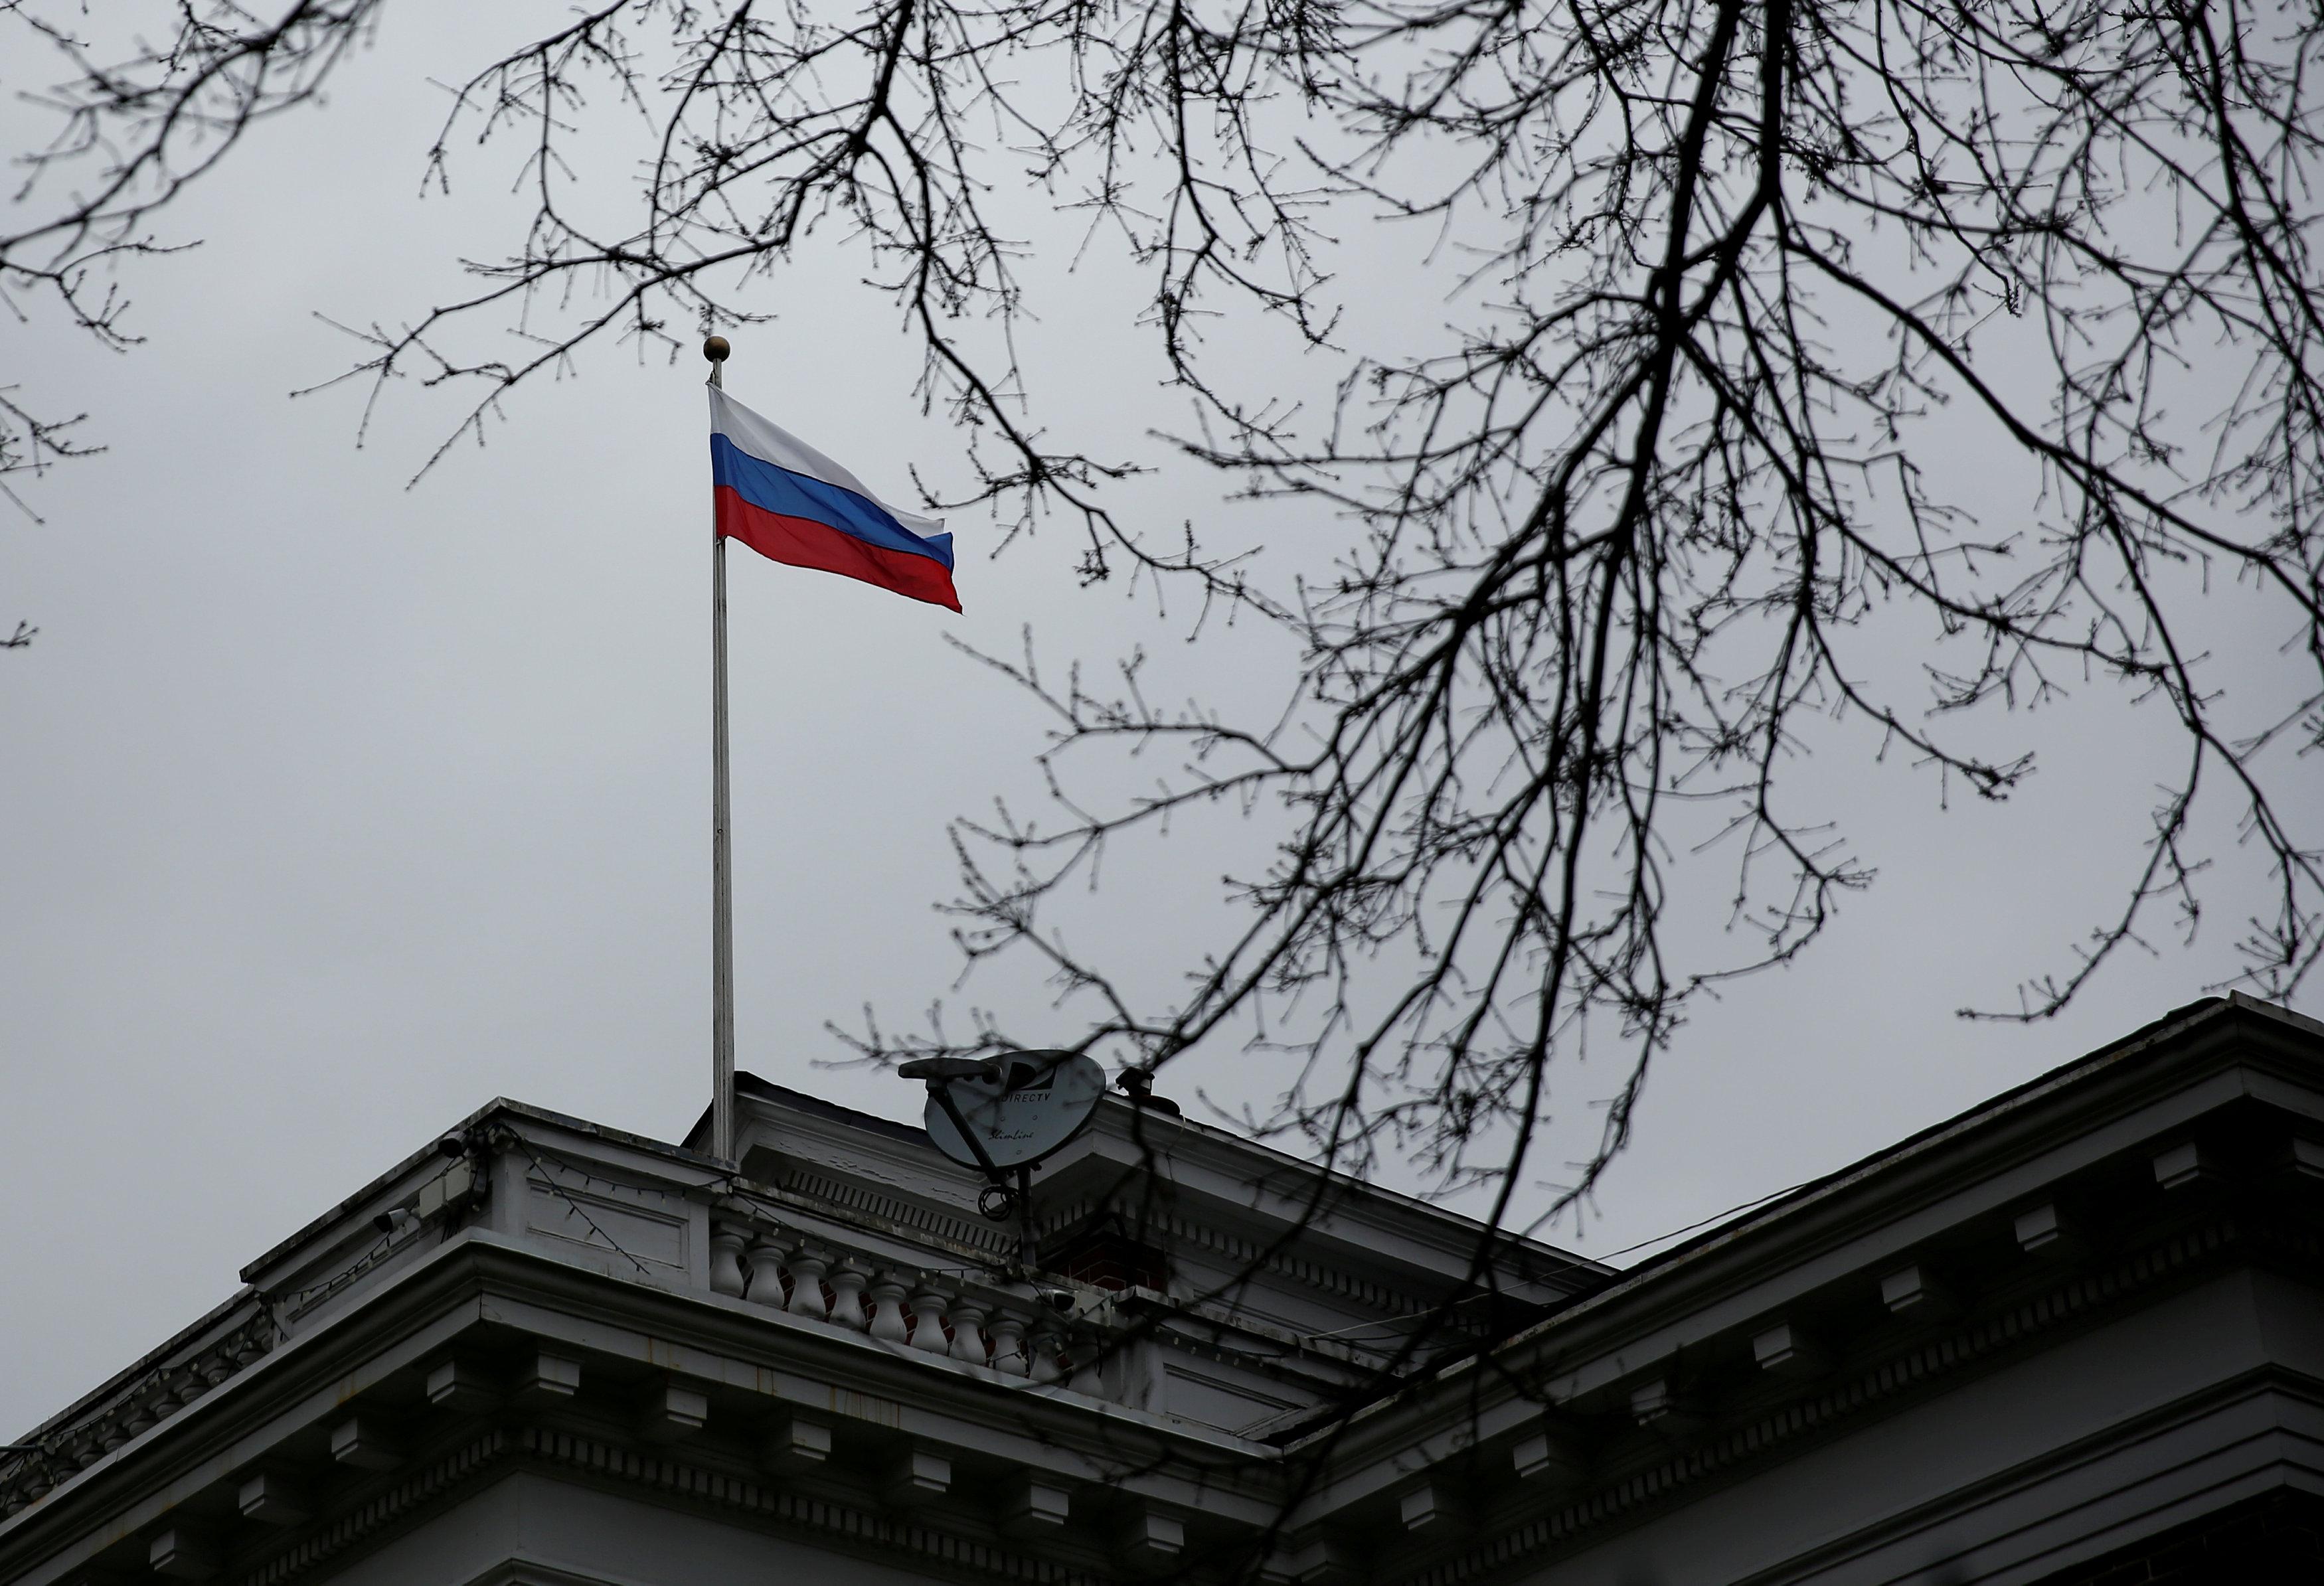 Адвокат полагает, что в России авторитарная политическая системы превращается в законченную диктатуру